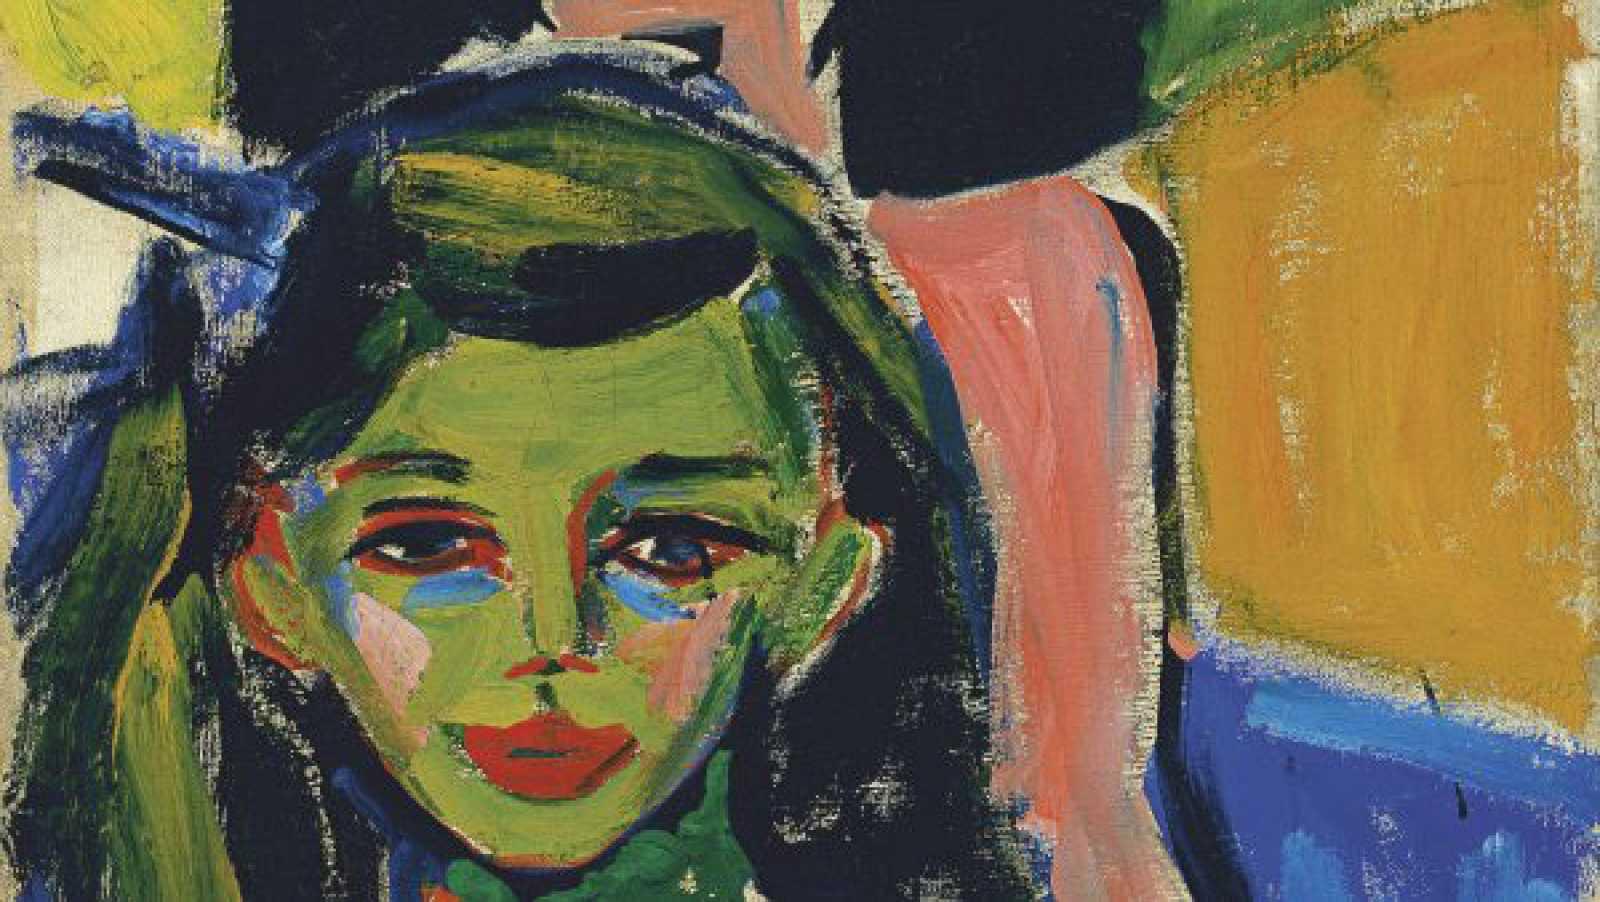 Punto de enlace - El Museo Nacional Thyssen acoge una exposición sobre el expresionismo alemán - 13/11/20 - escuchar ahora